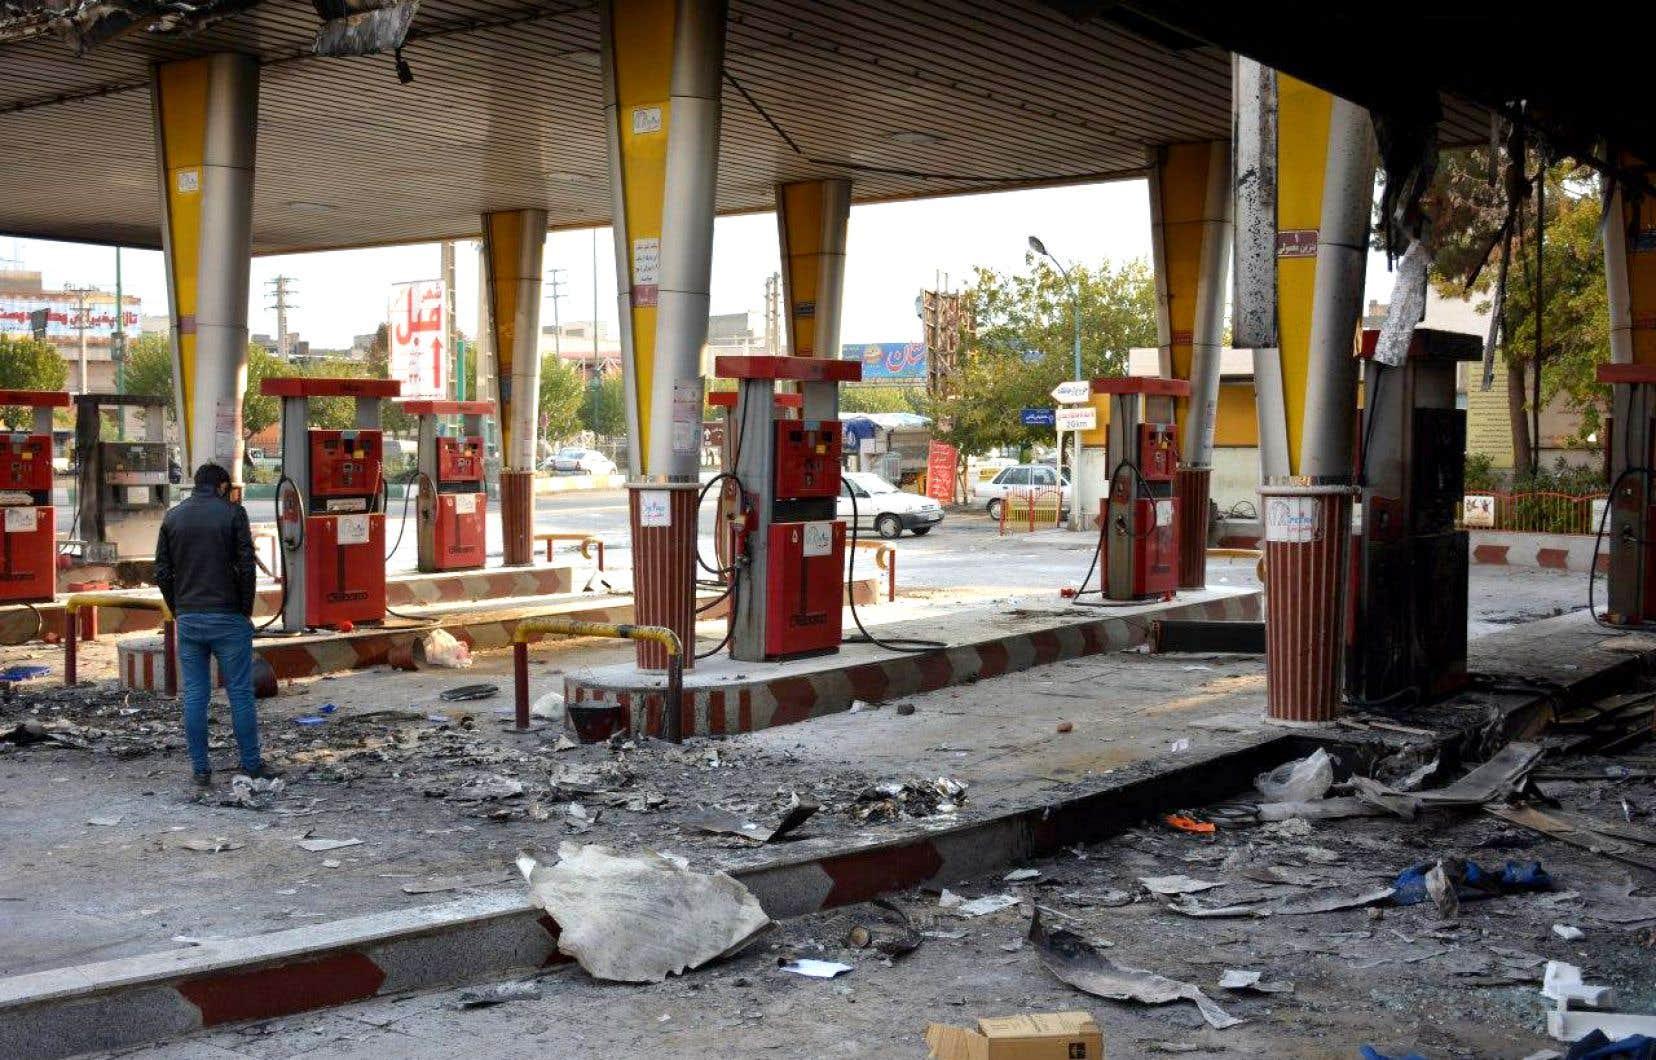 La colère populaire a été provoquée par la forte hausse du prix de l'essence annoncée vendredi par le gouvernement.